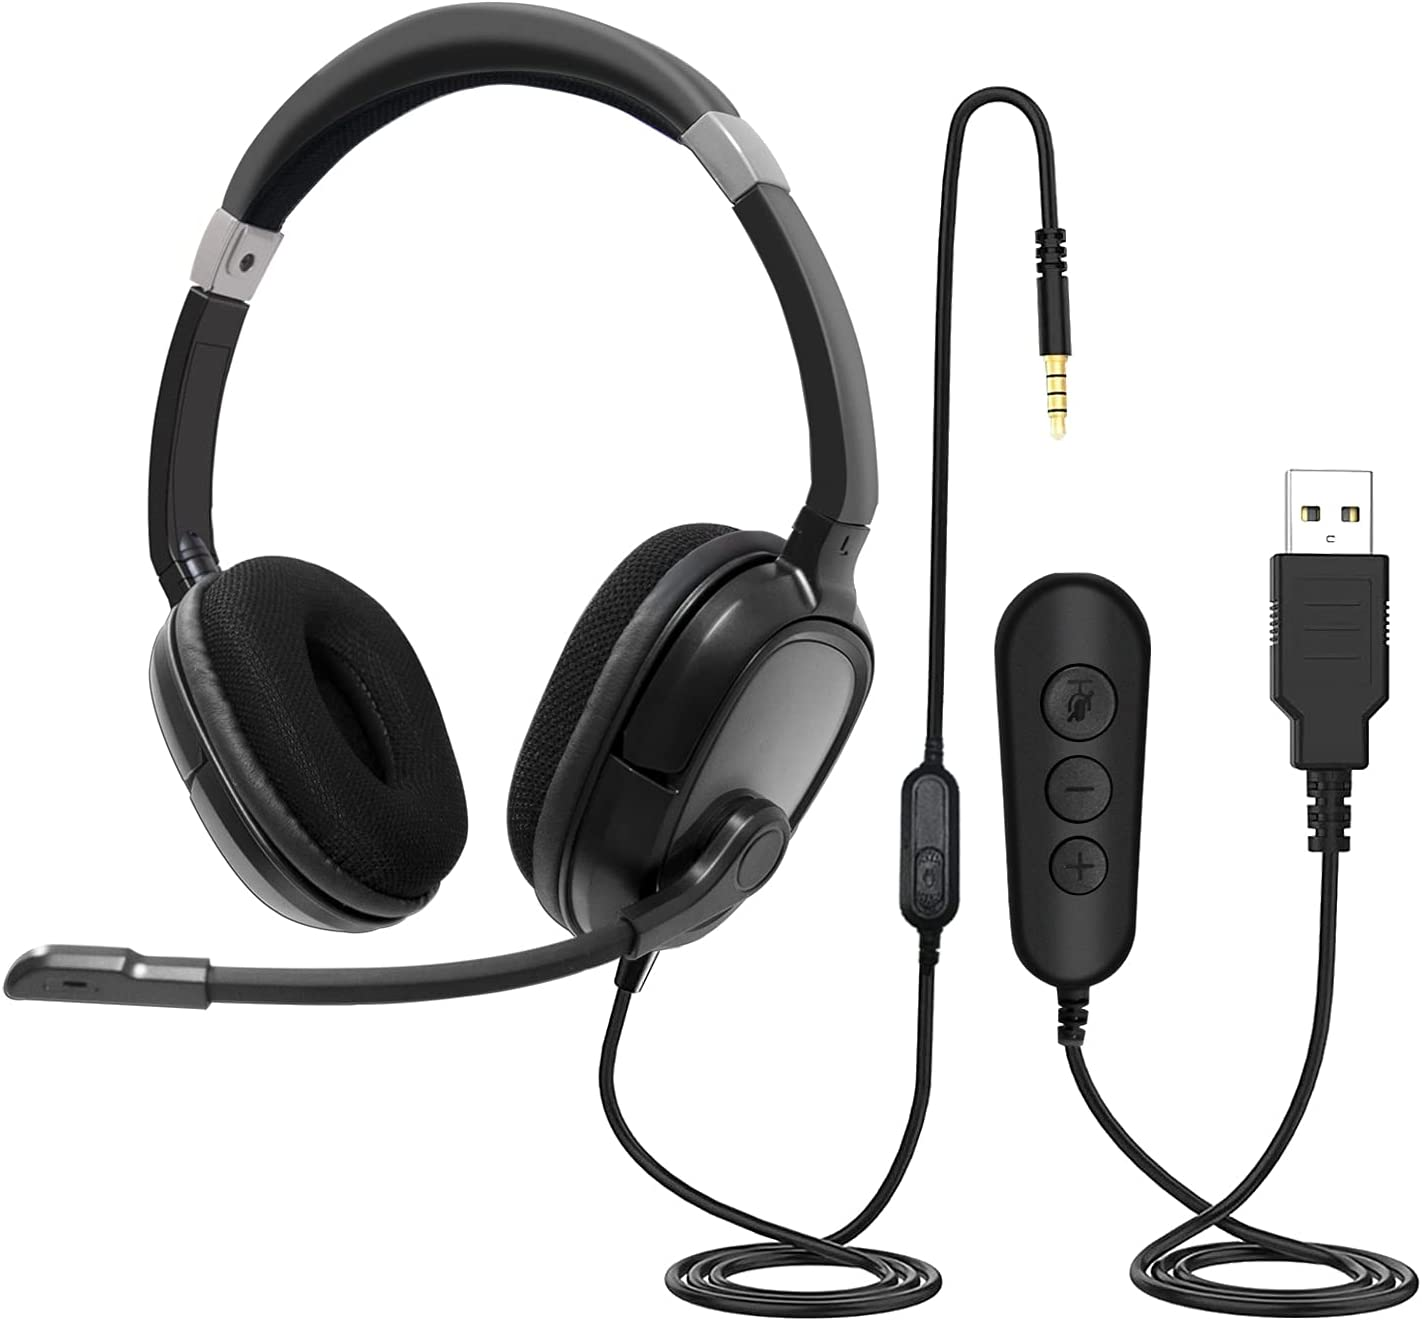 Auriculares para PC con micrófono, auriculares USB AUCARY / conector jack de 3,5 mm Auriculares Computadora con cancelación de ruido y control de volumen